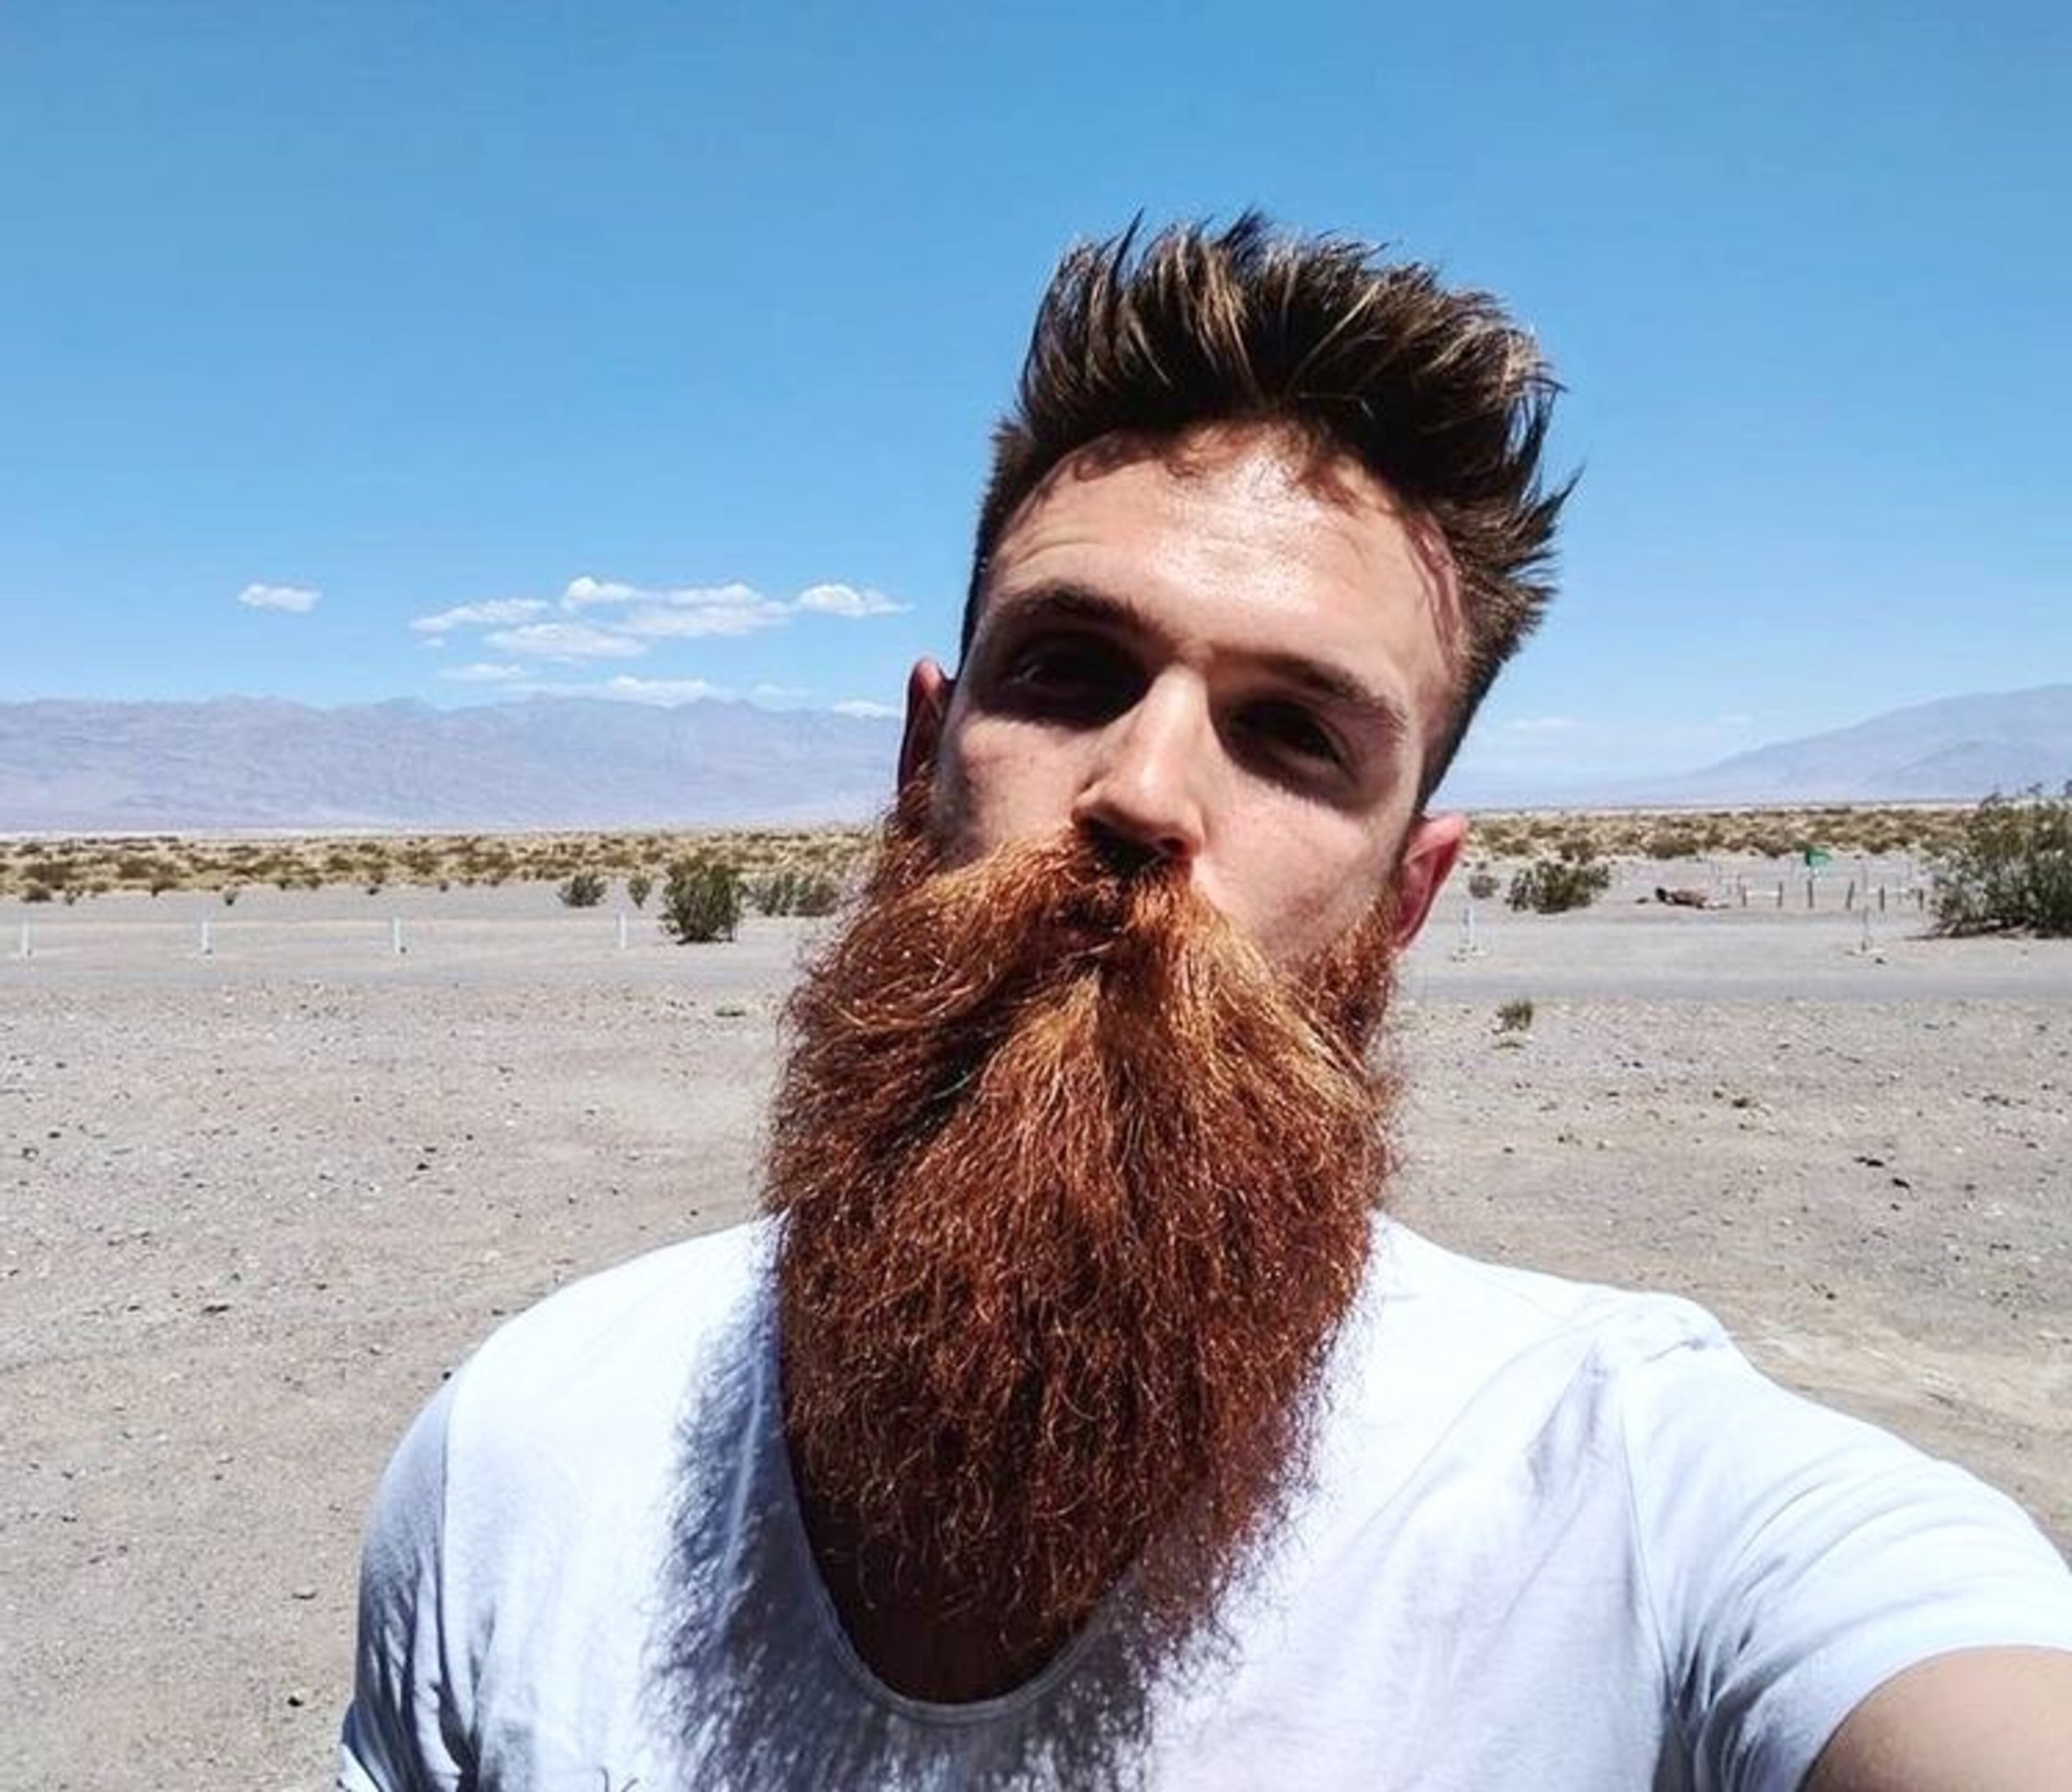 A long tapered beard for men.